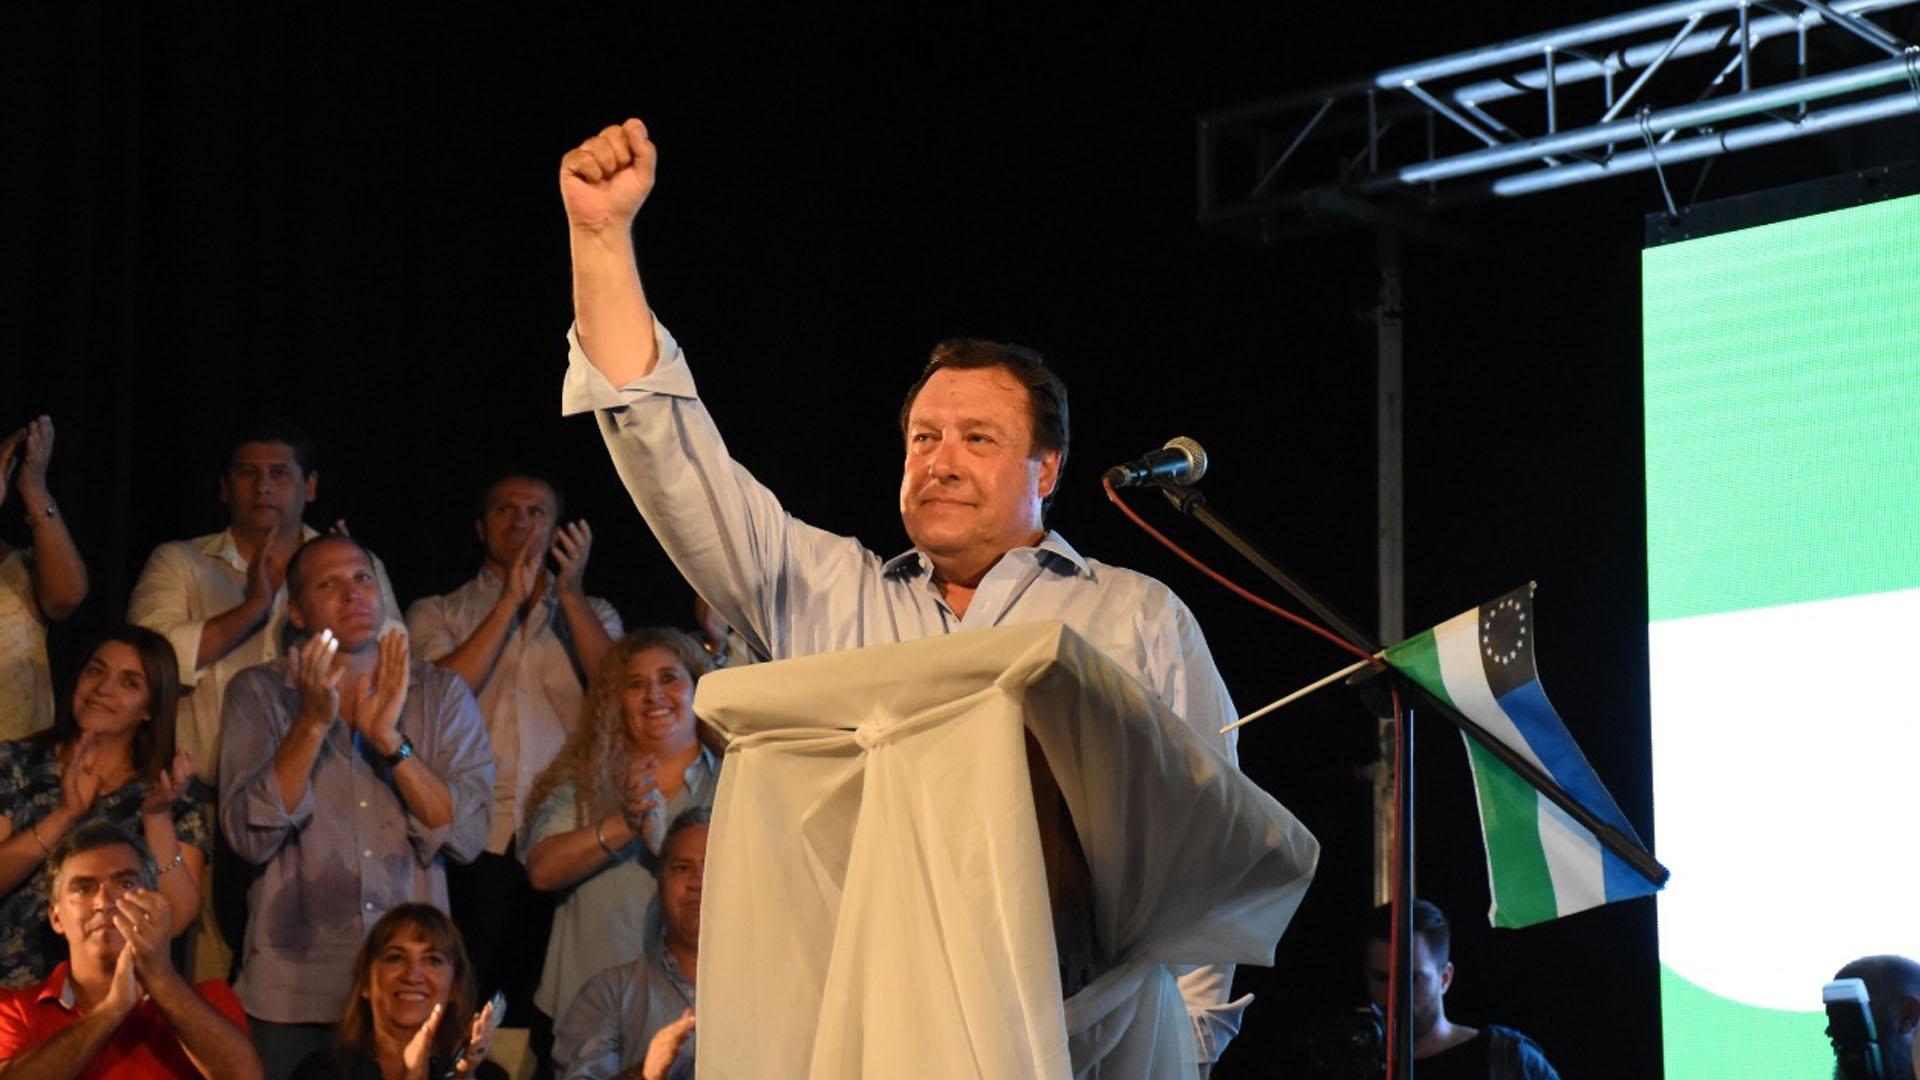 El gobernador Alberto Weretilneck